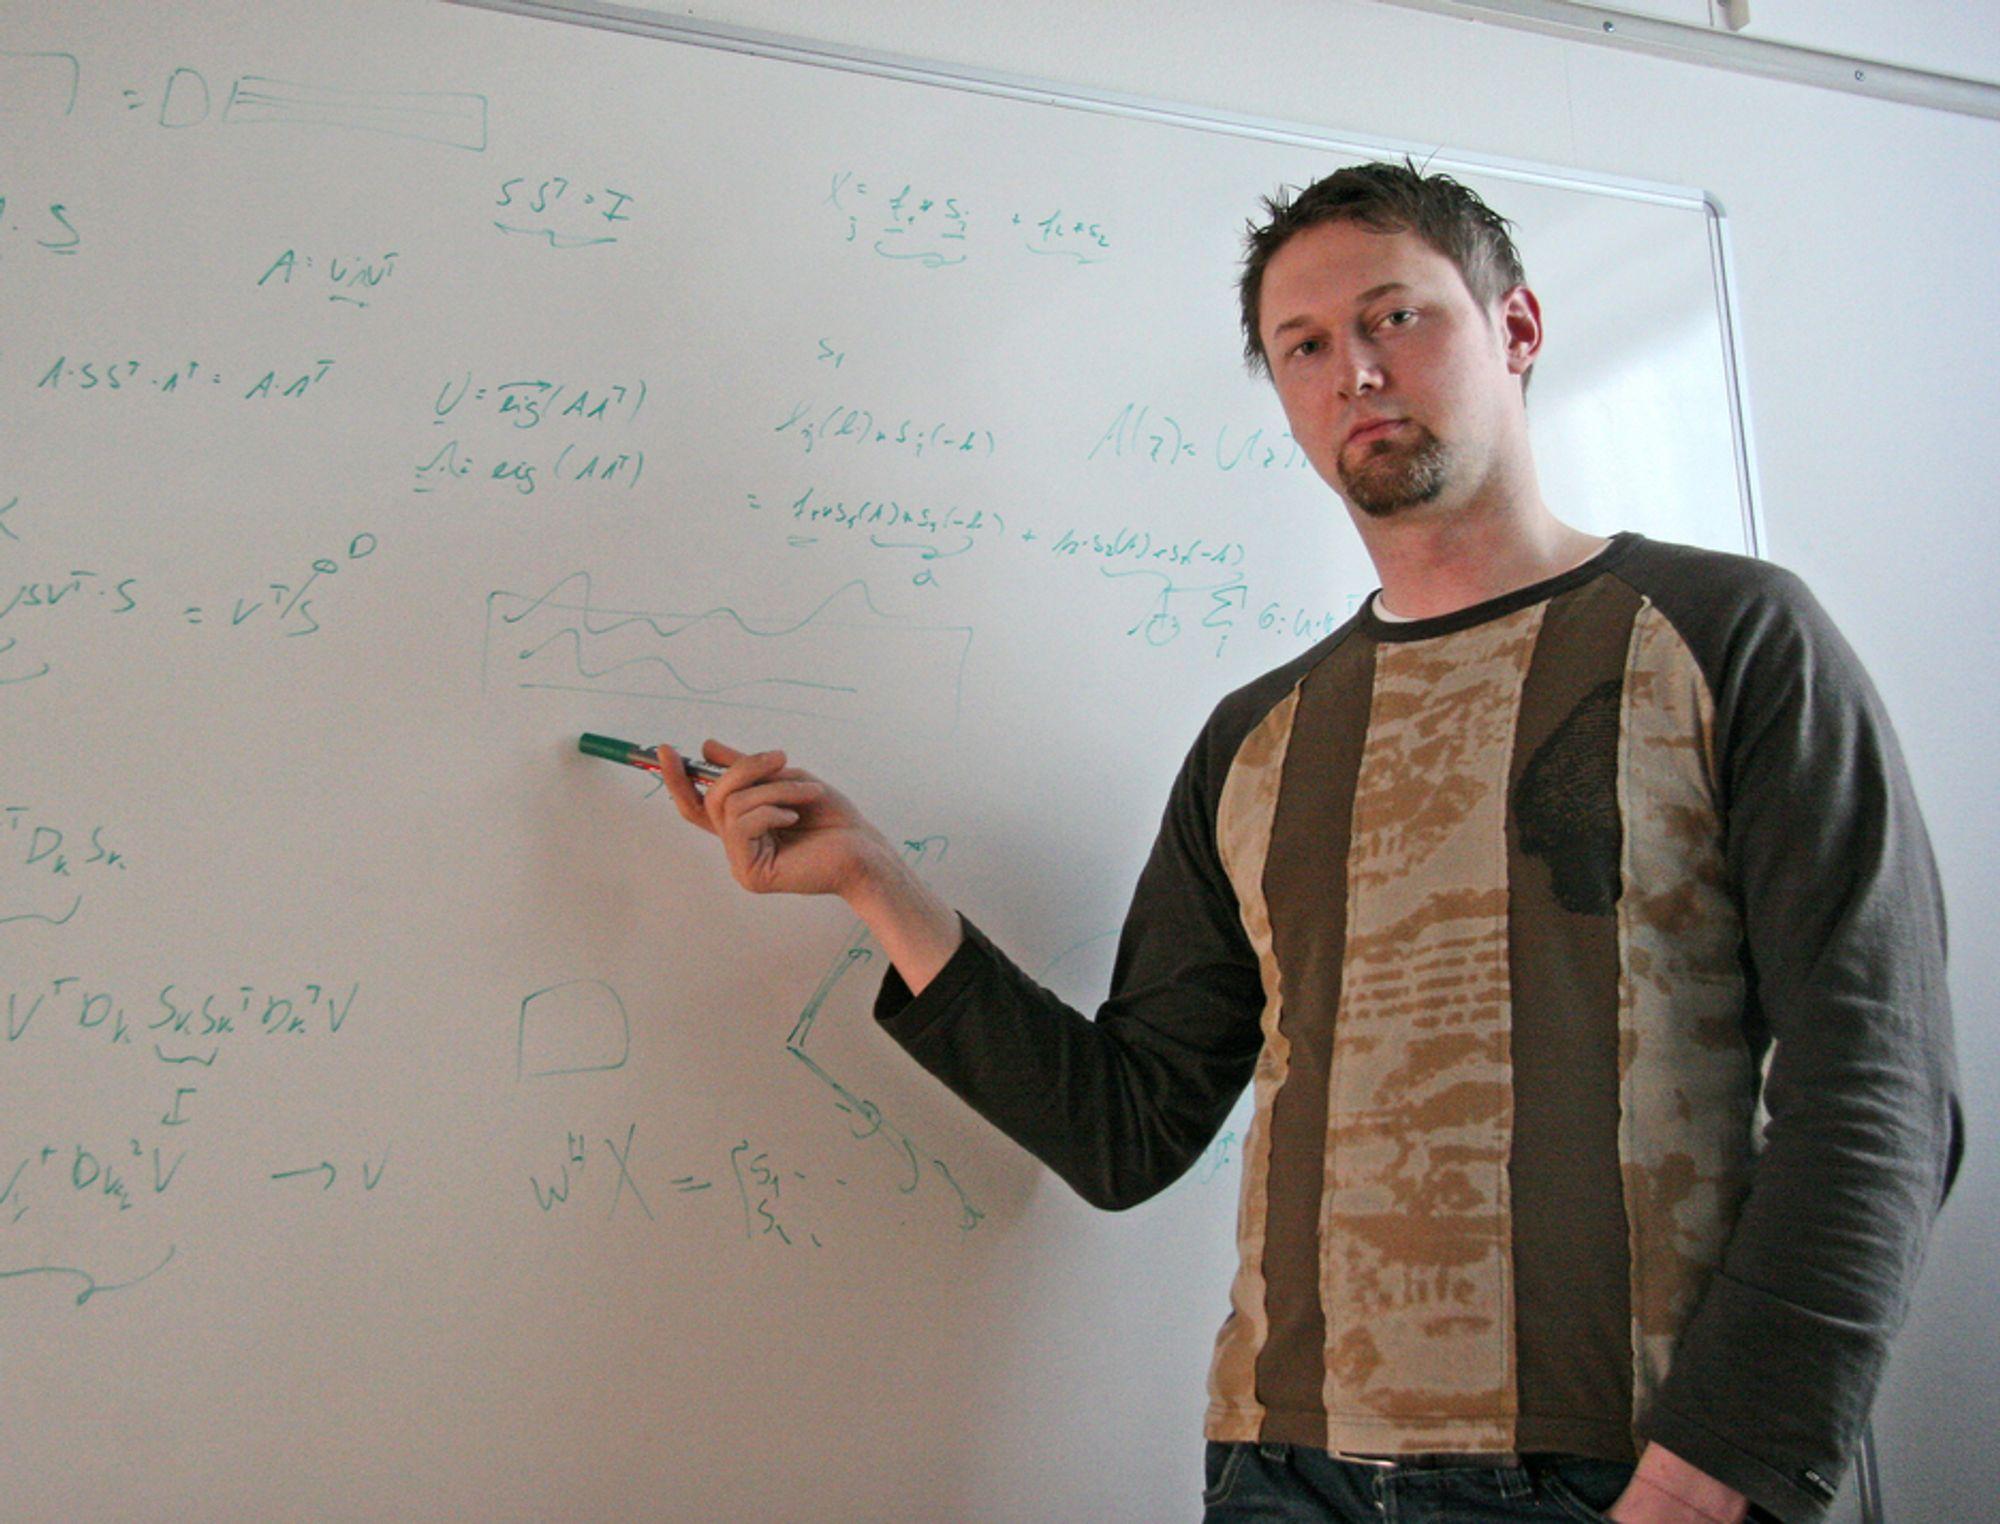 LYDGRÜNDER:Tobias Dahl har startet SoniTrack for å utnytte sine egne oppfinnelser på sensorer og signalbehandlingsalgoritmer.